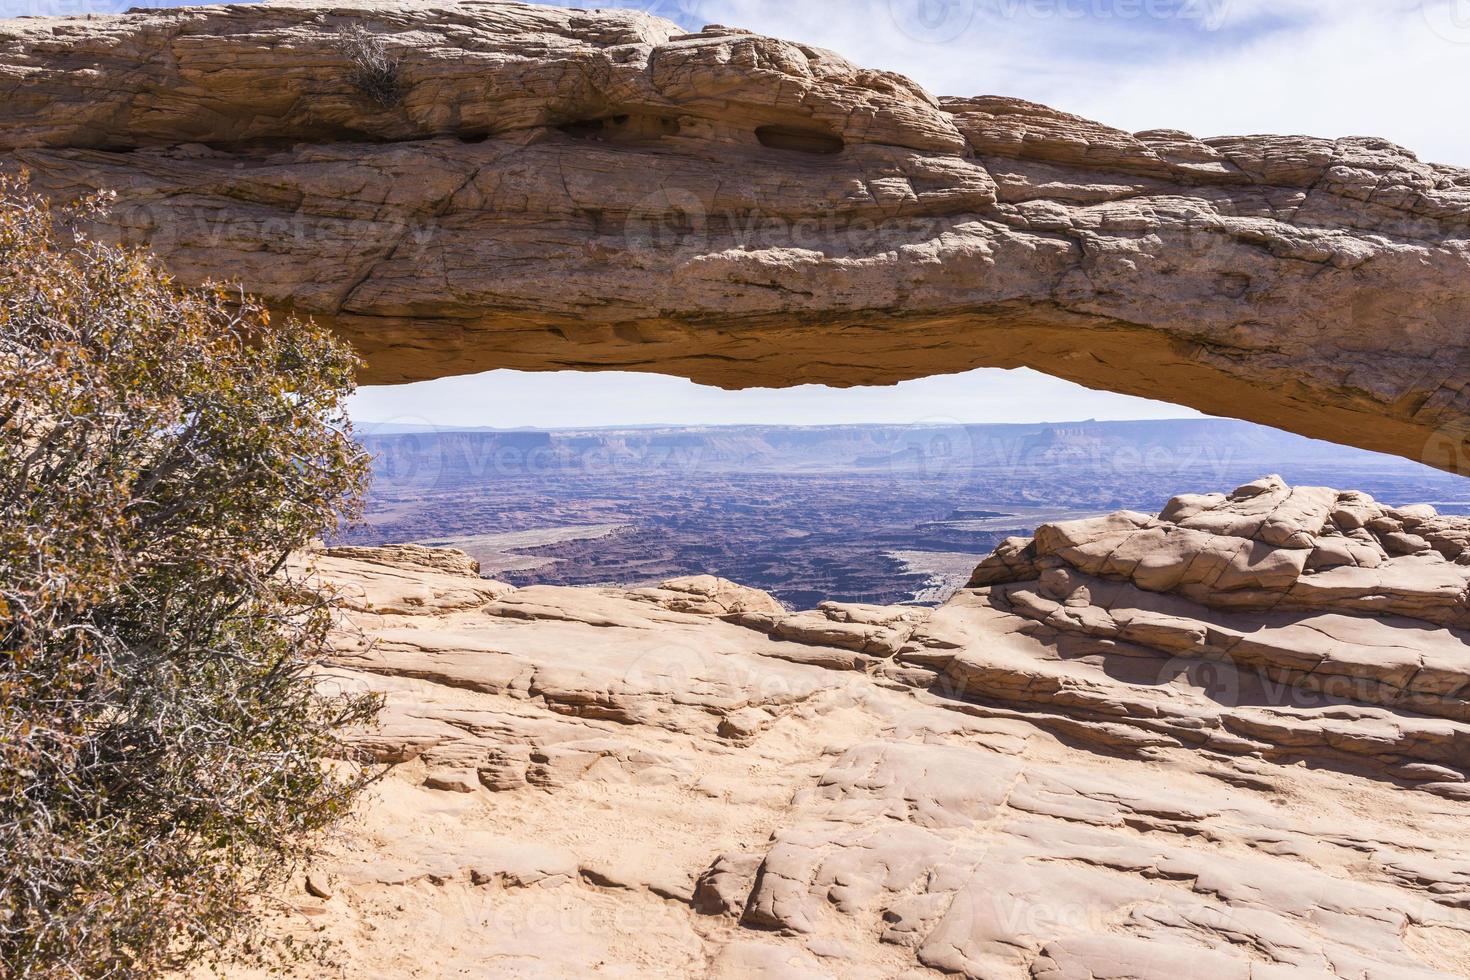 parc national de canyonlands. arc de mesa, canyons et montagnes de la sal photo